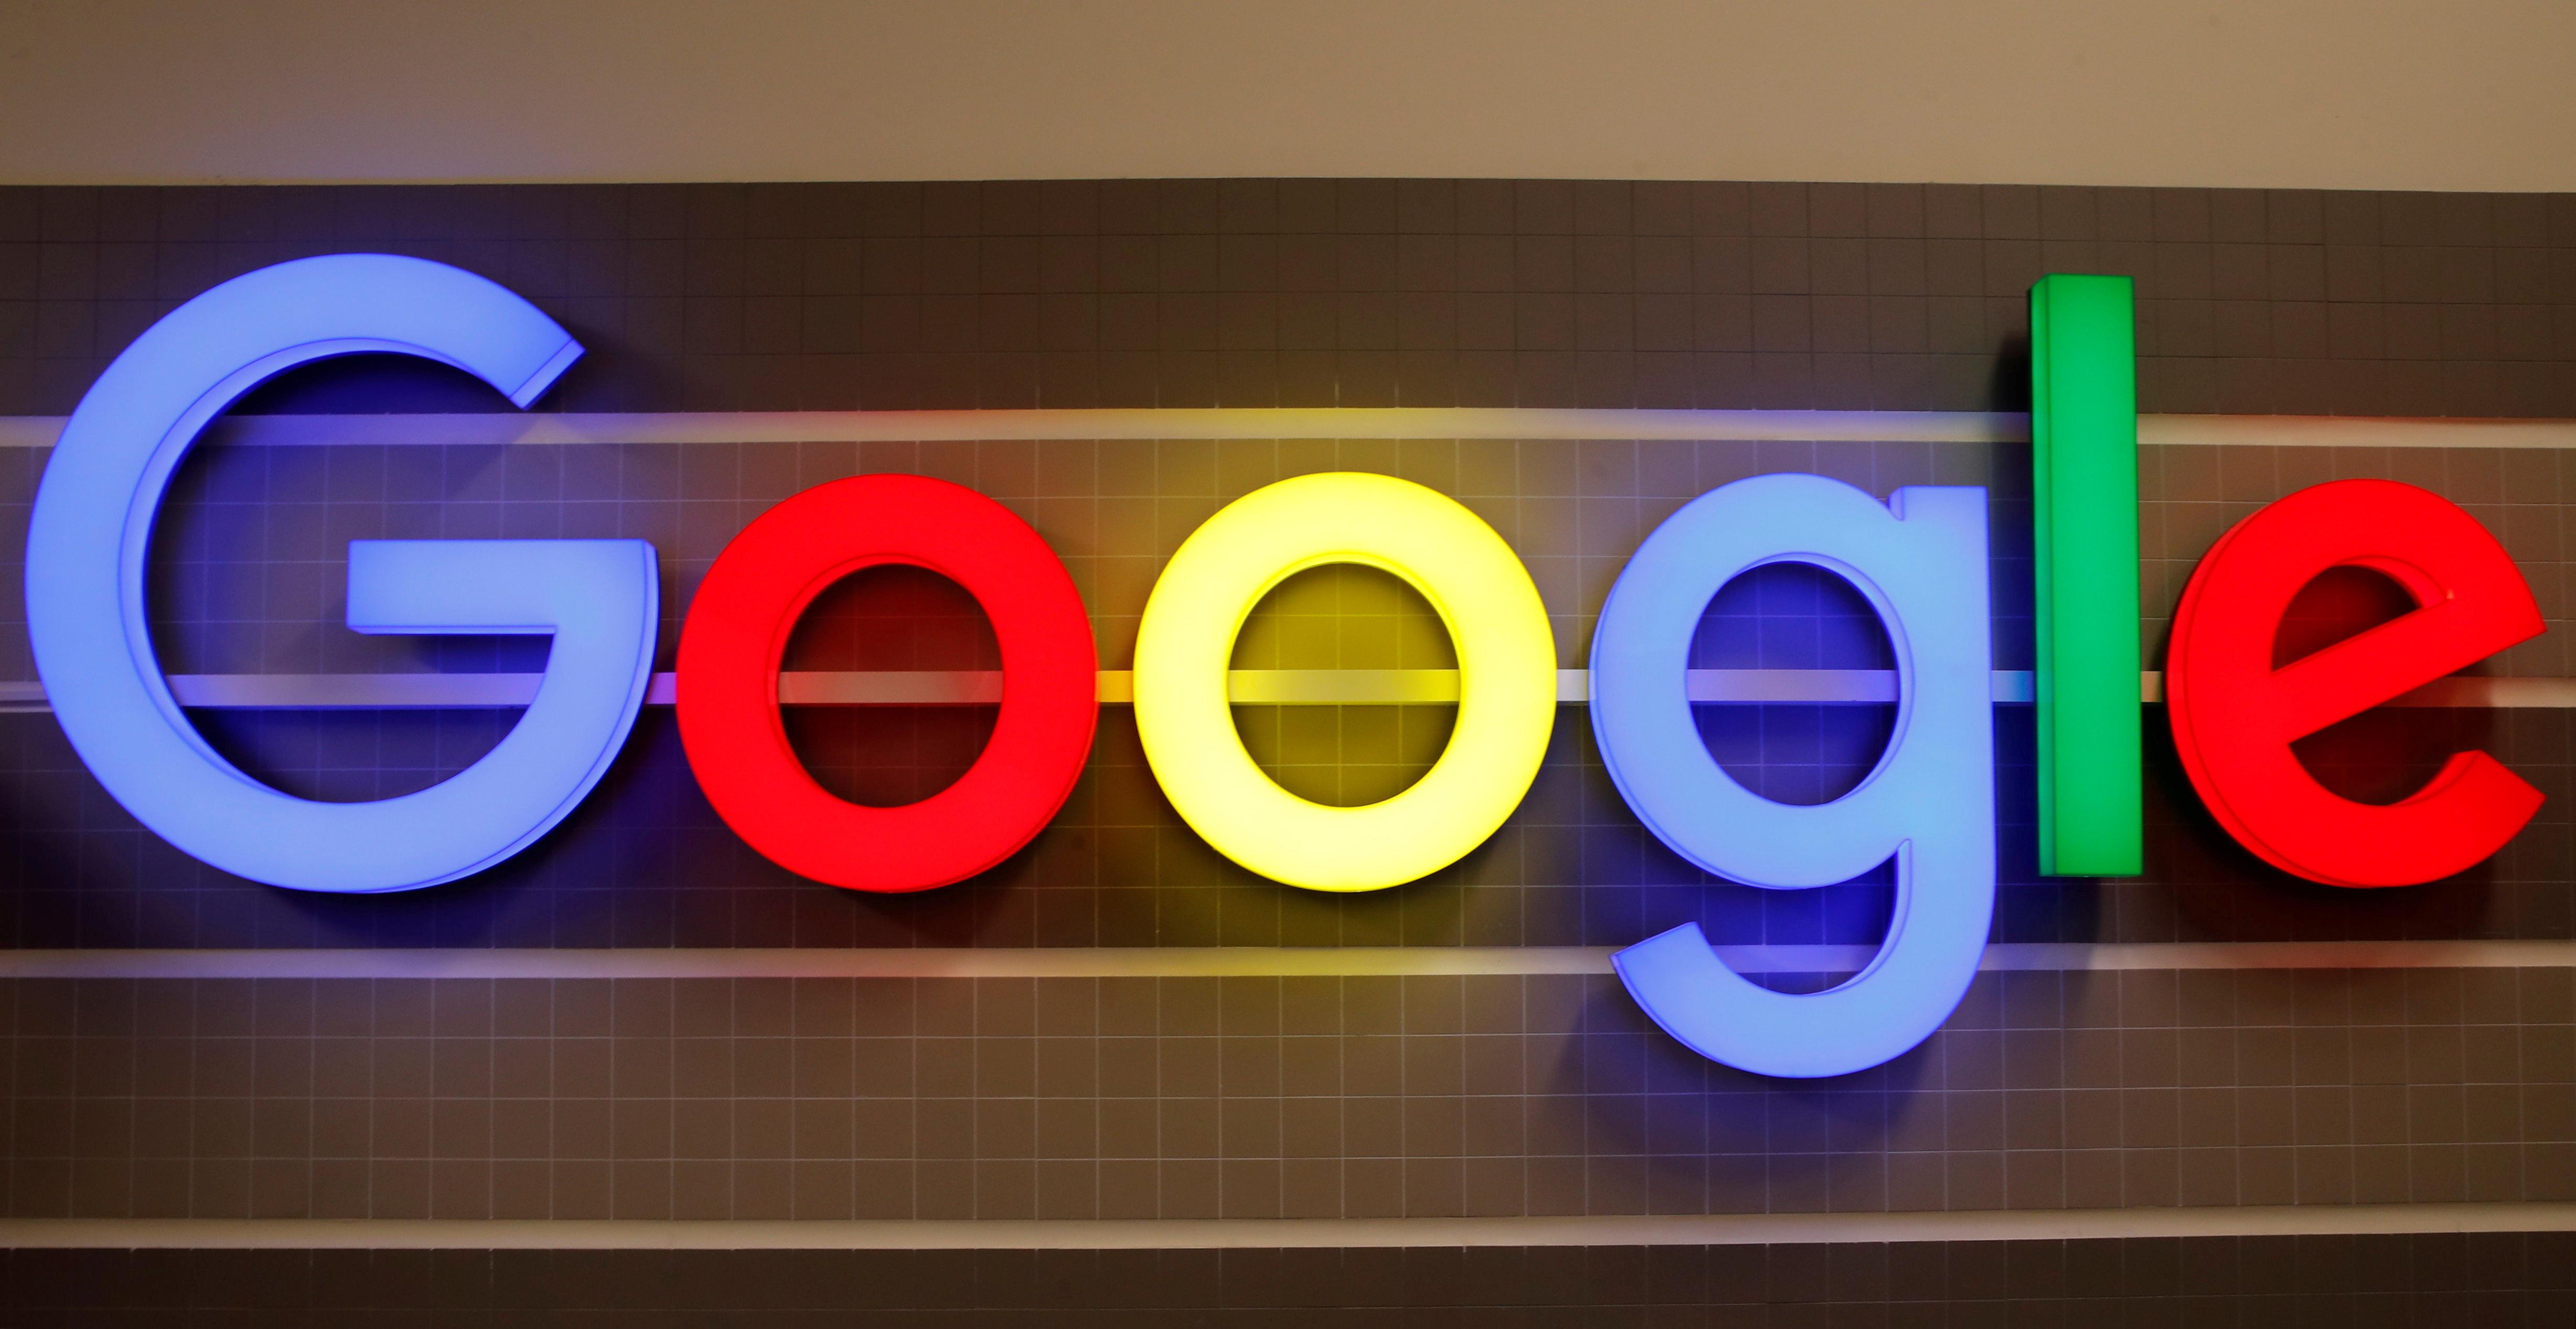 An illuminated Google logo is seen inside an office building in Zurich, Switzerland December 5, 2018. REUTERS/Arnd Wiegmann/File Photo